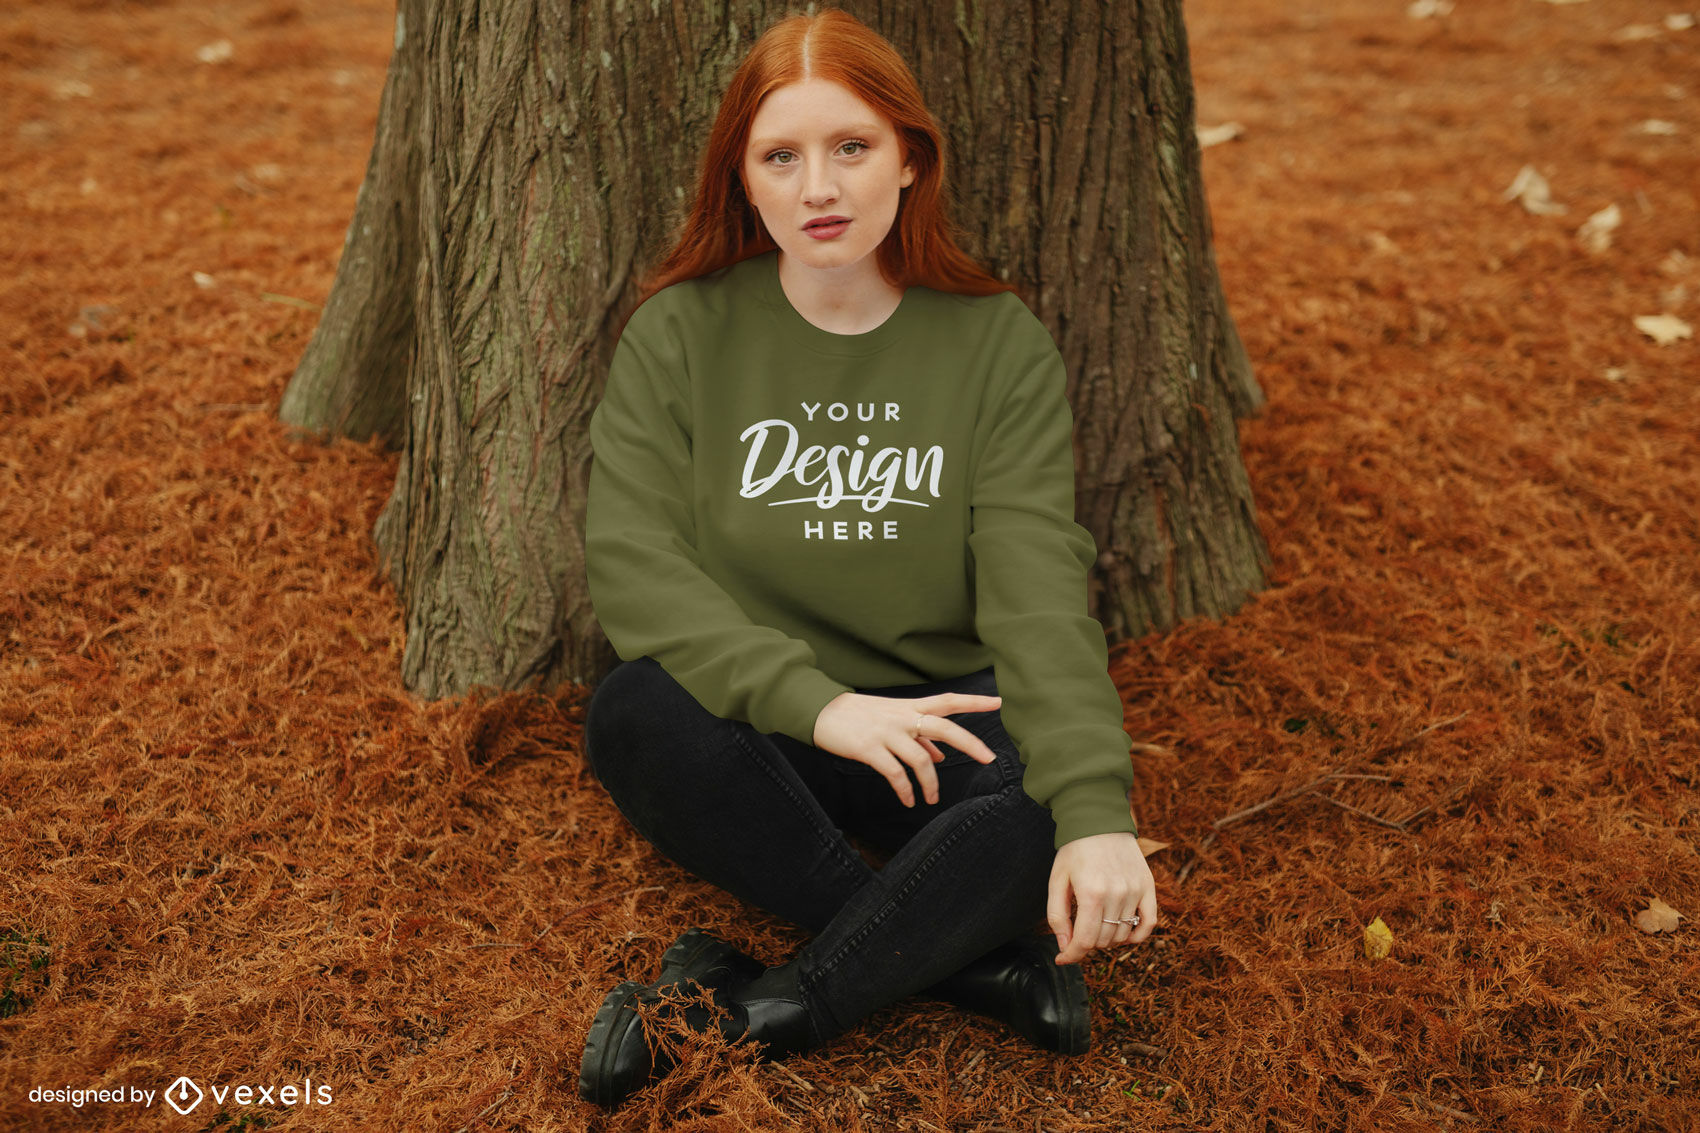 Chica en maqueta de bosque de otoño de sudadera